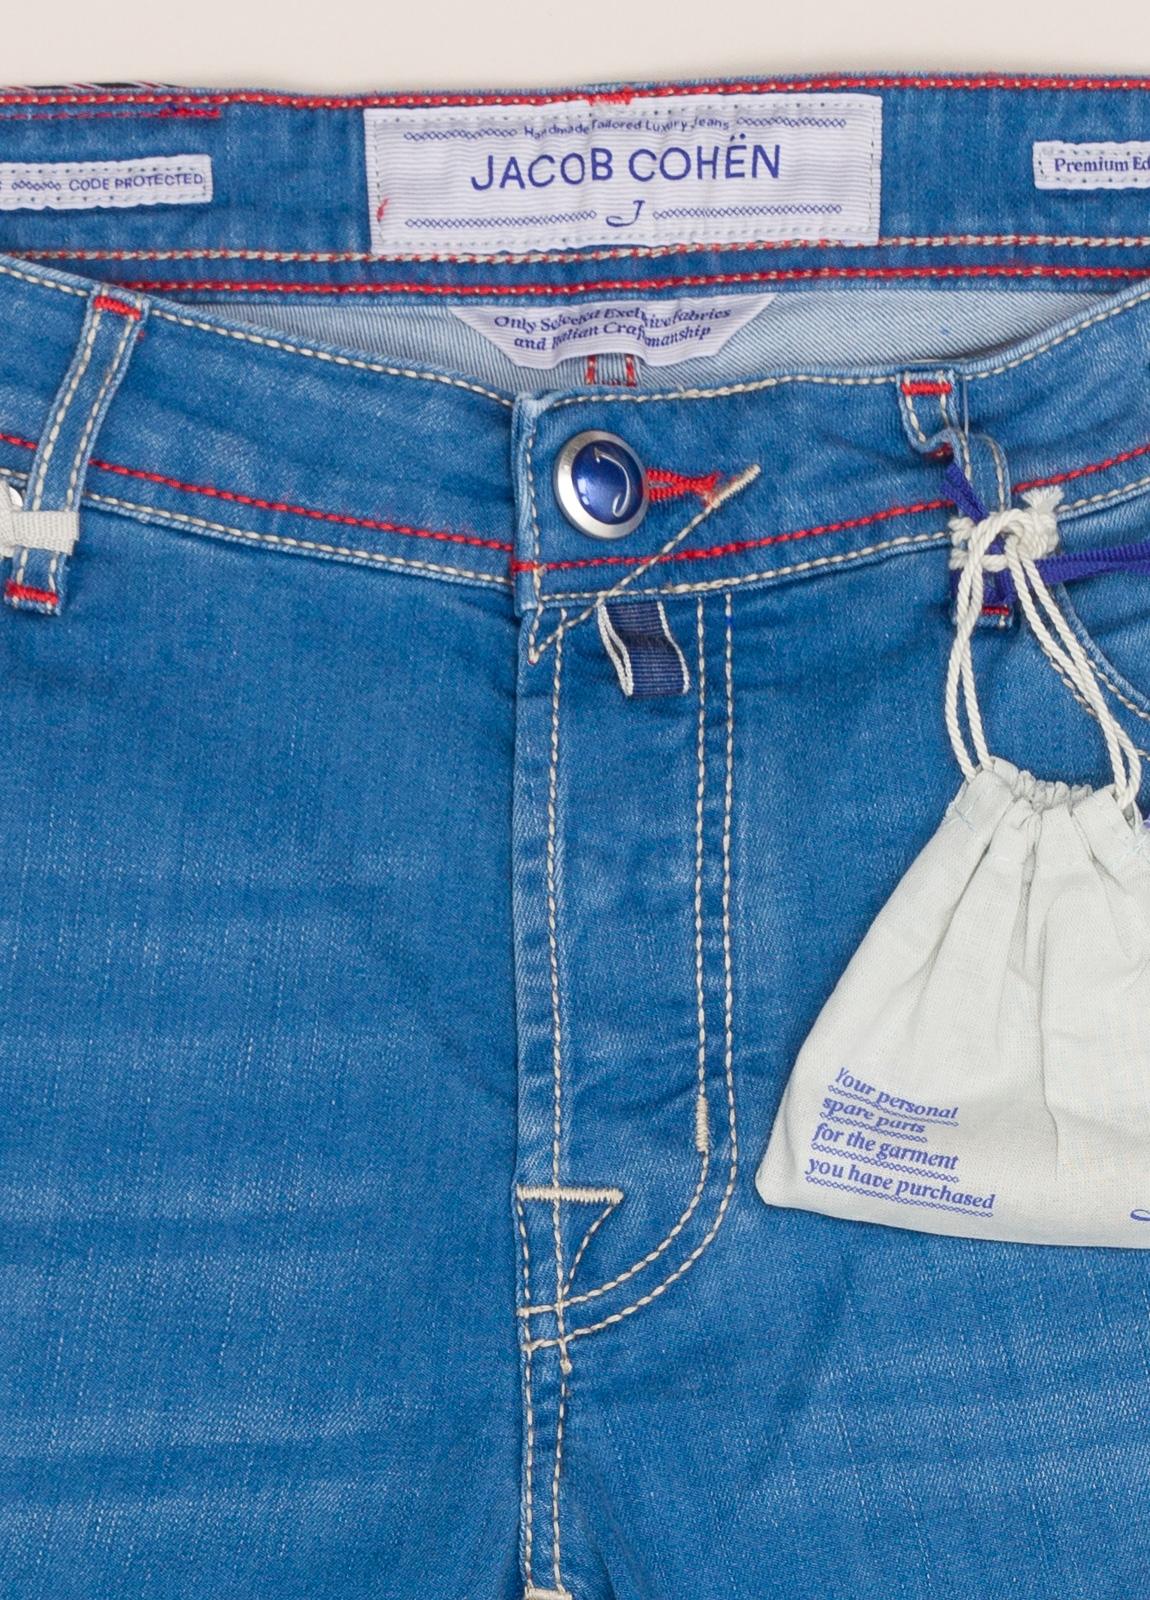 Pantalón tejano JACOB COHEN azul medio - Ítem1